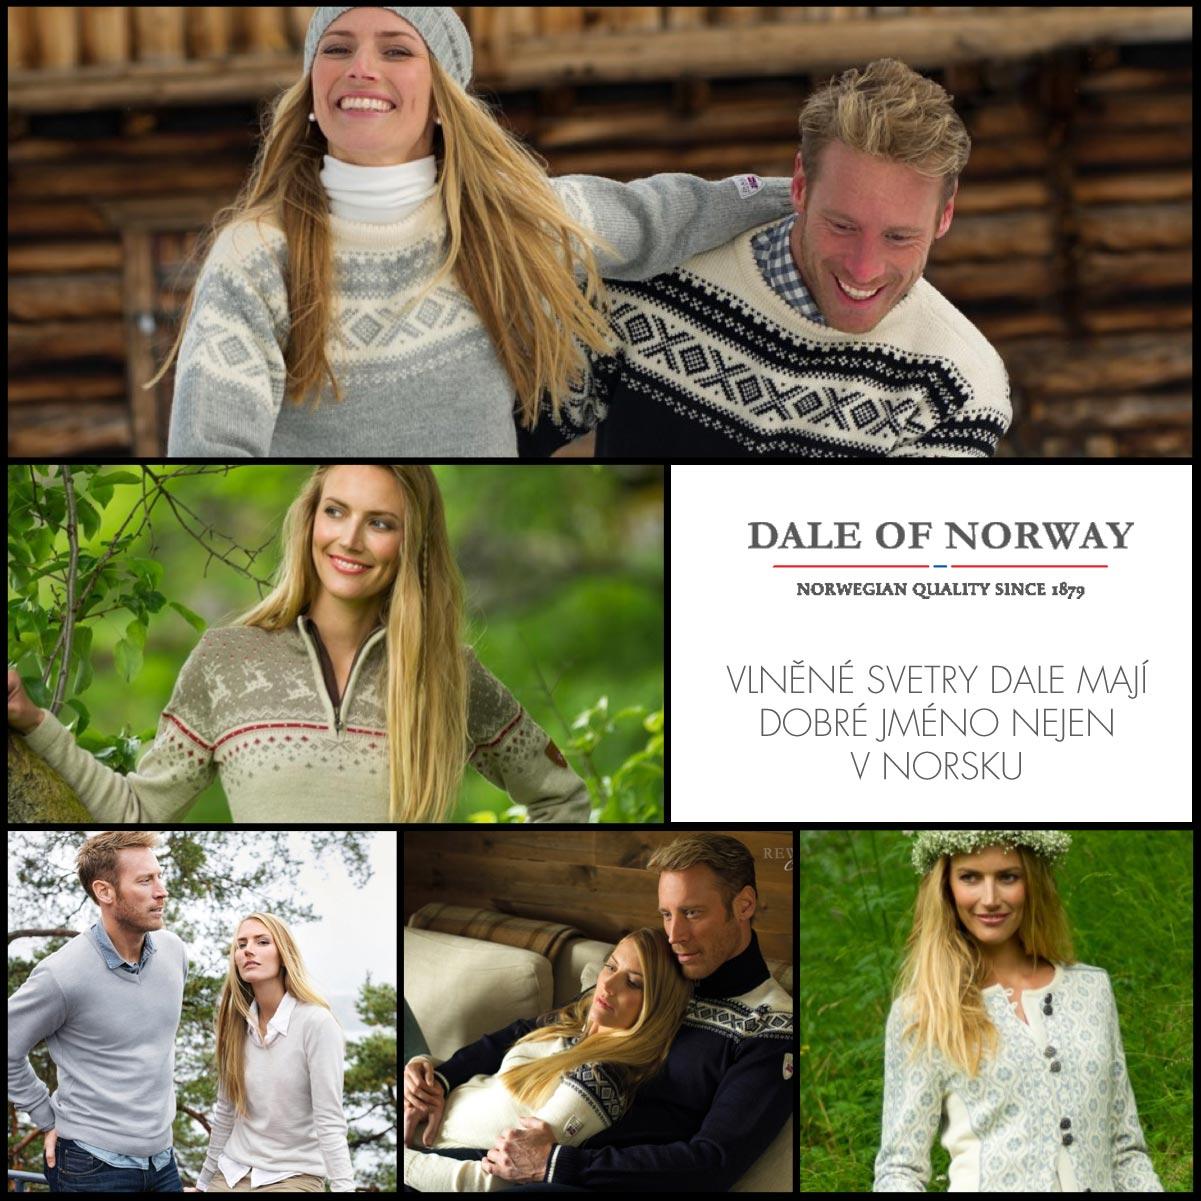 Dale je norská společnost, která své oblečení vyrábí s ohledem na životní prostředí.